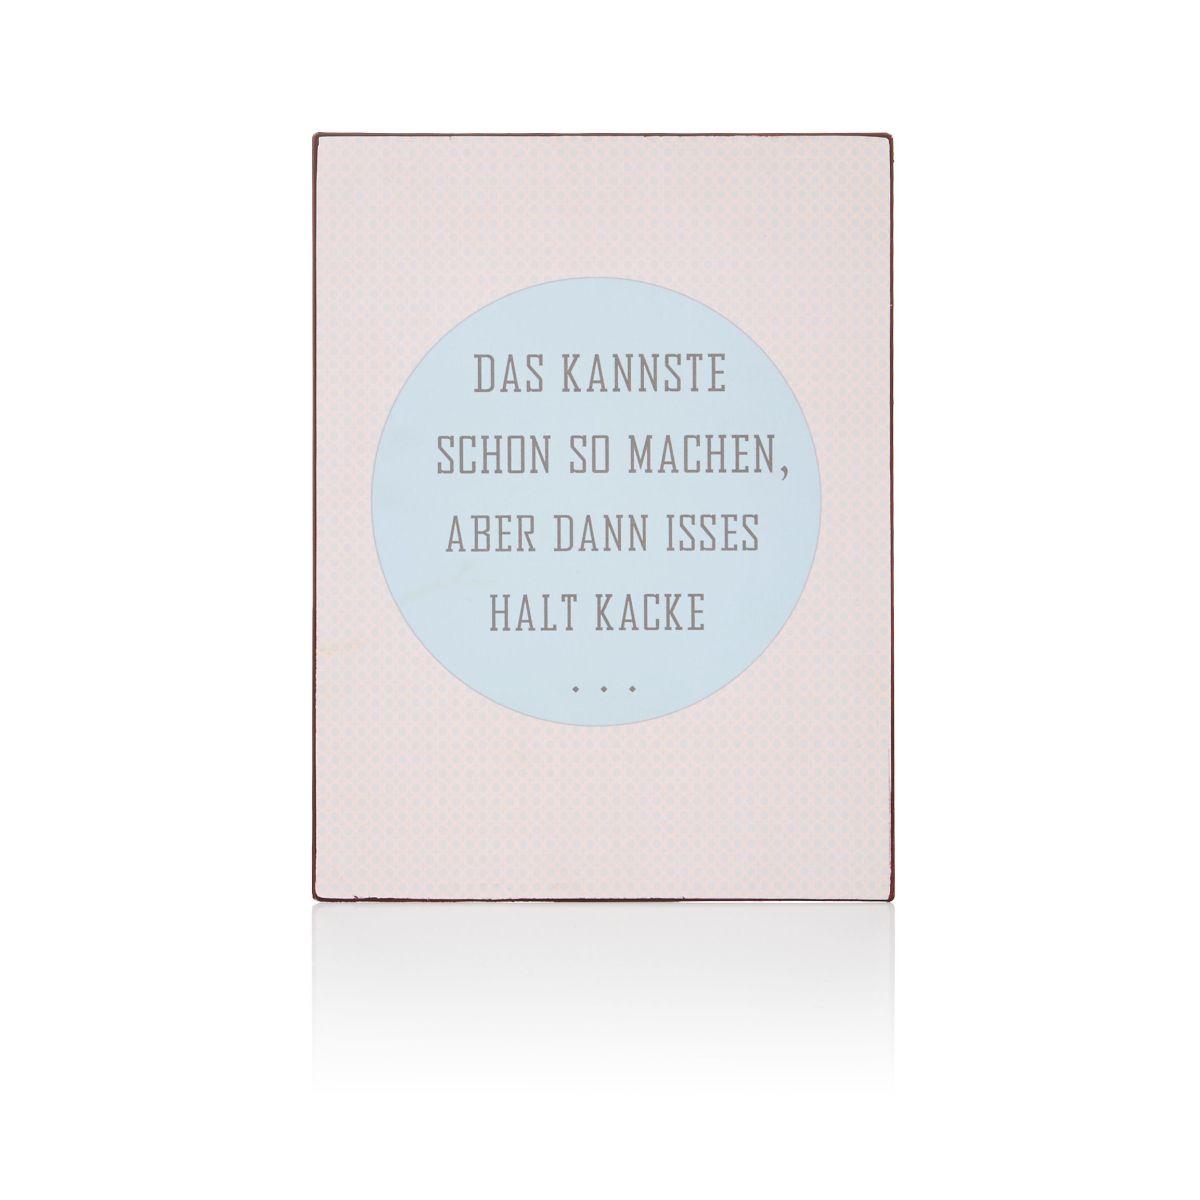 Metallschild DAS KANNSTE SCHON SO MACHEN ABER DANN ISSES HALT KACKE...